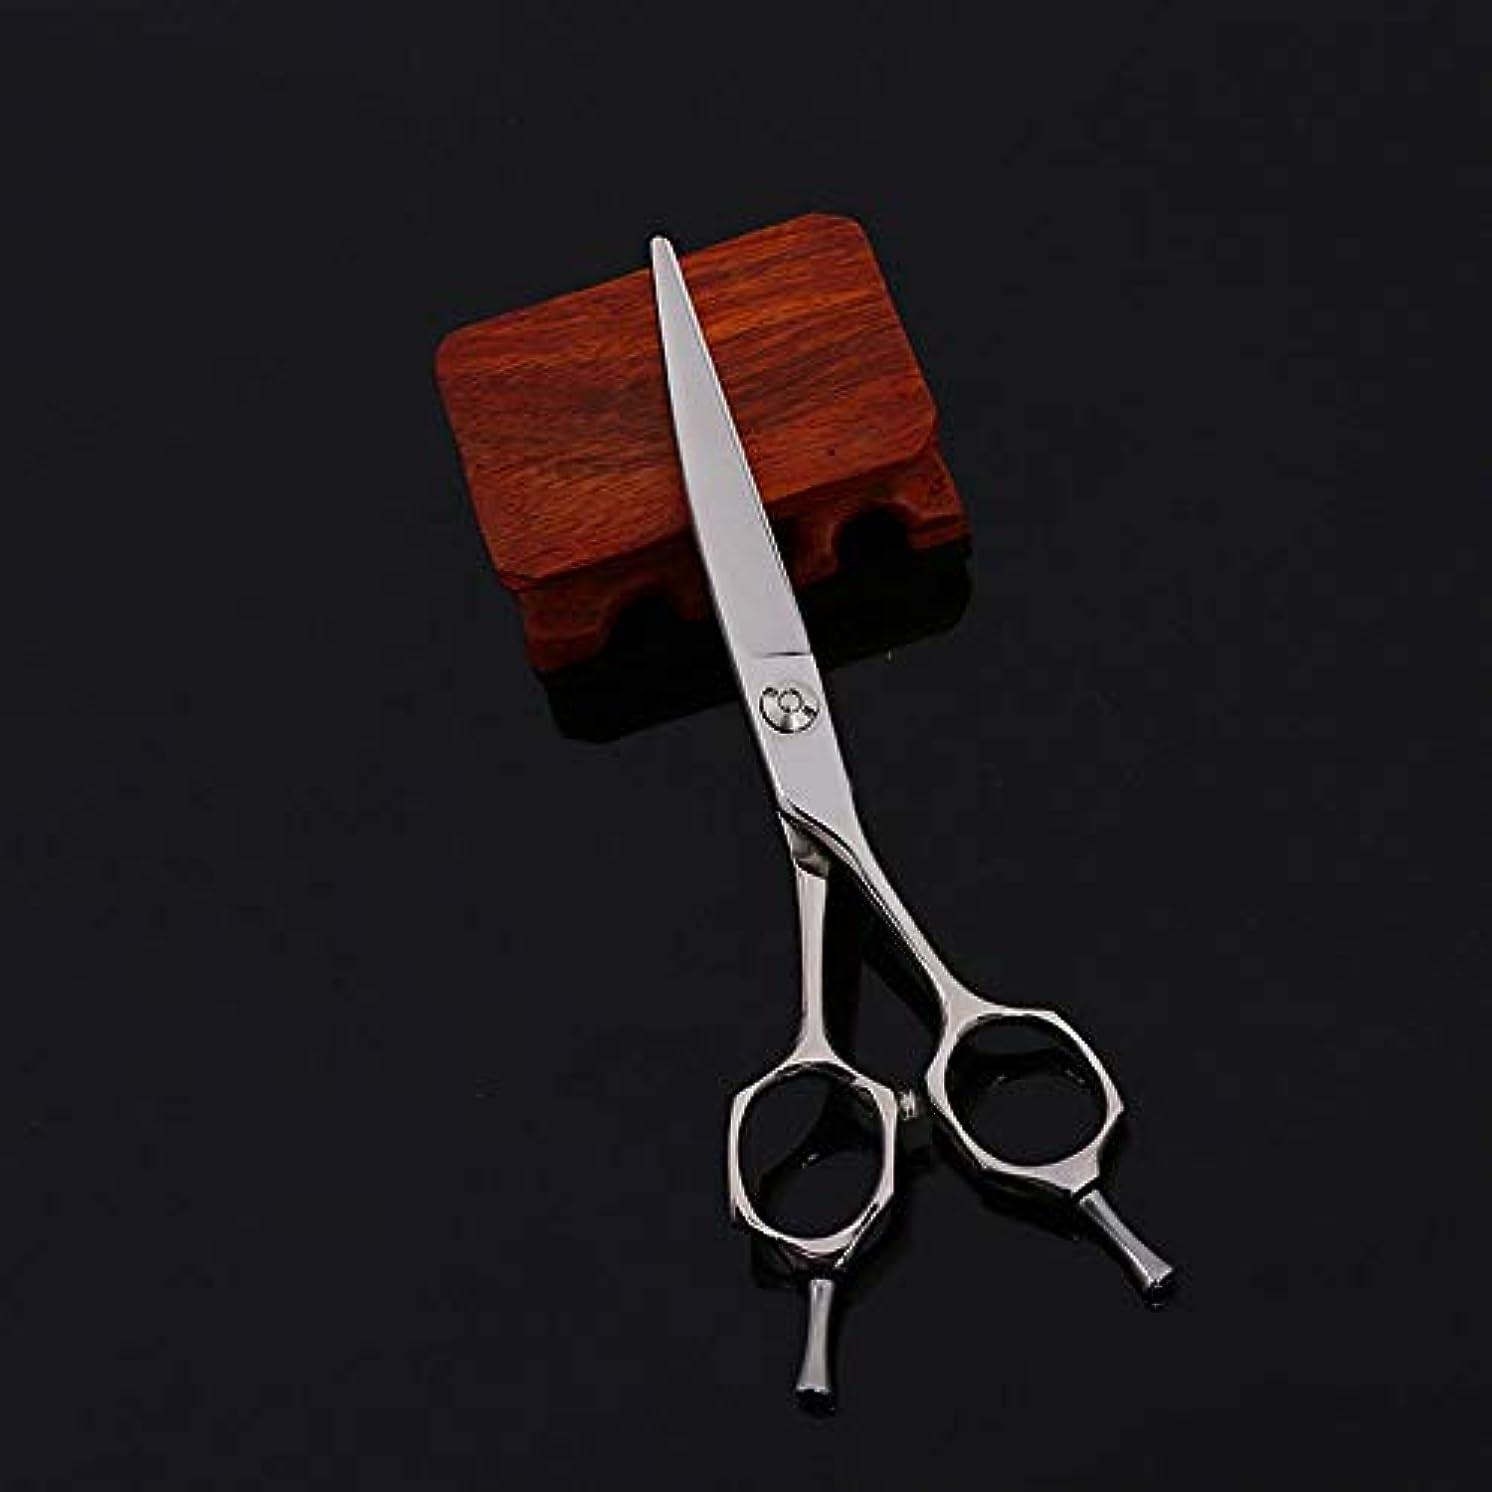 純粋に講義落ち着くGoodsok-jp 6インチの専門の上限の理髪はさみ用具のせん断 (色 : Silver)